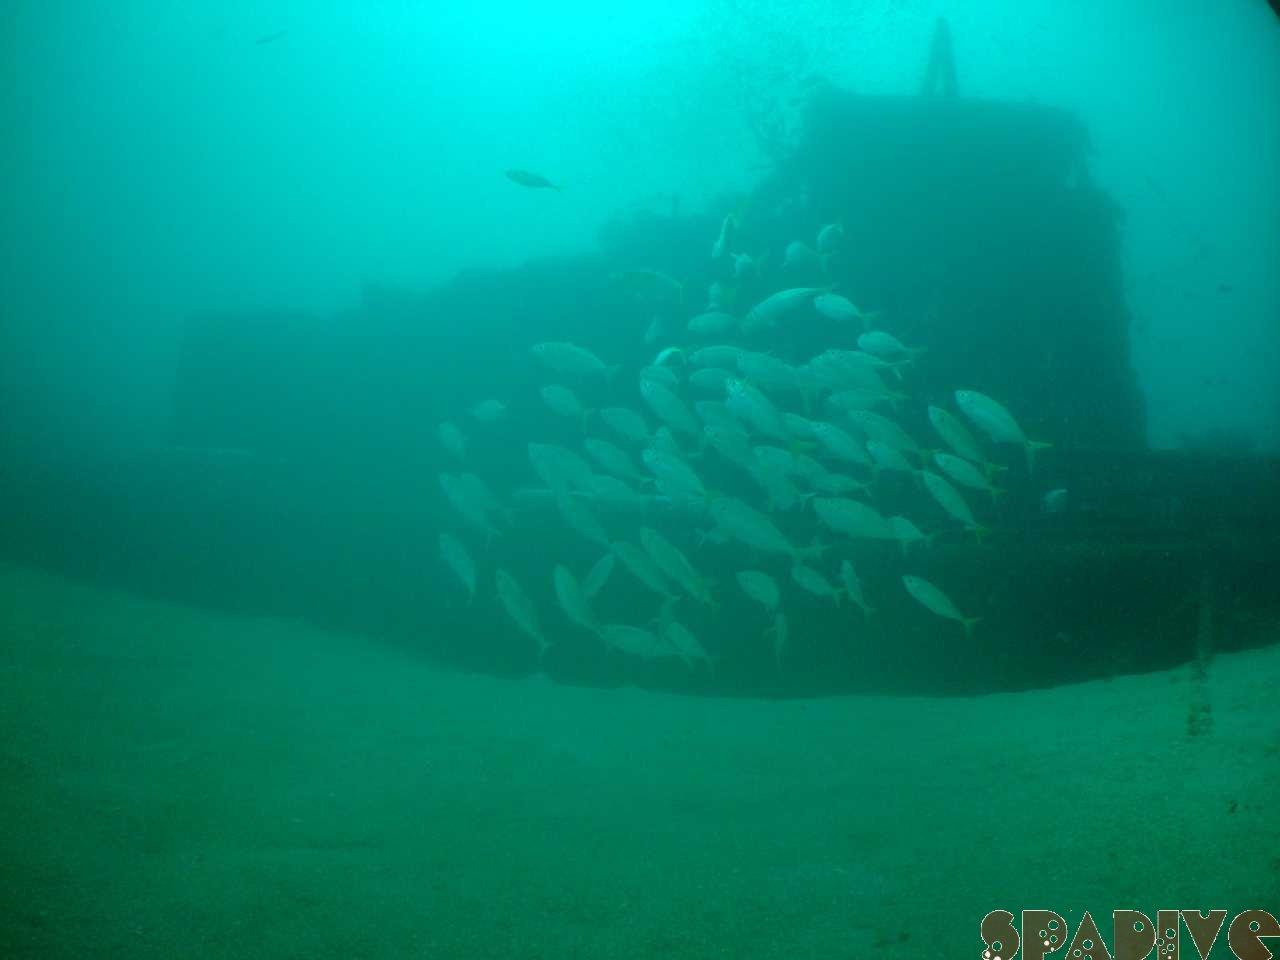 北の根&沈船ボートファンダイブ|7/29/2009南紀白浜